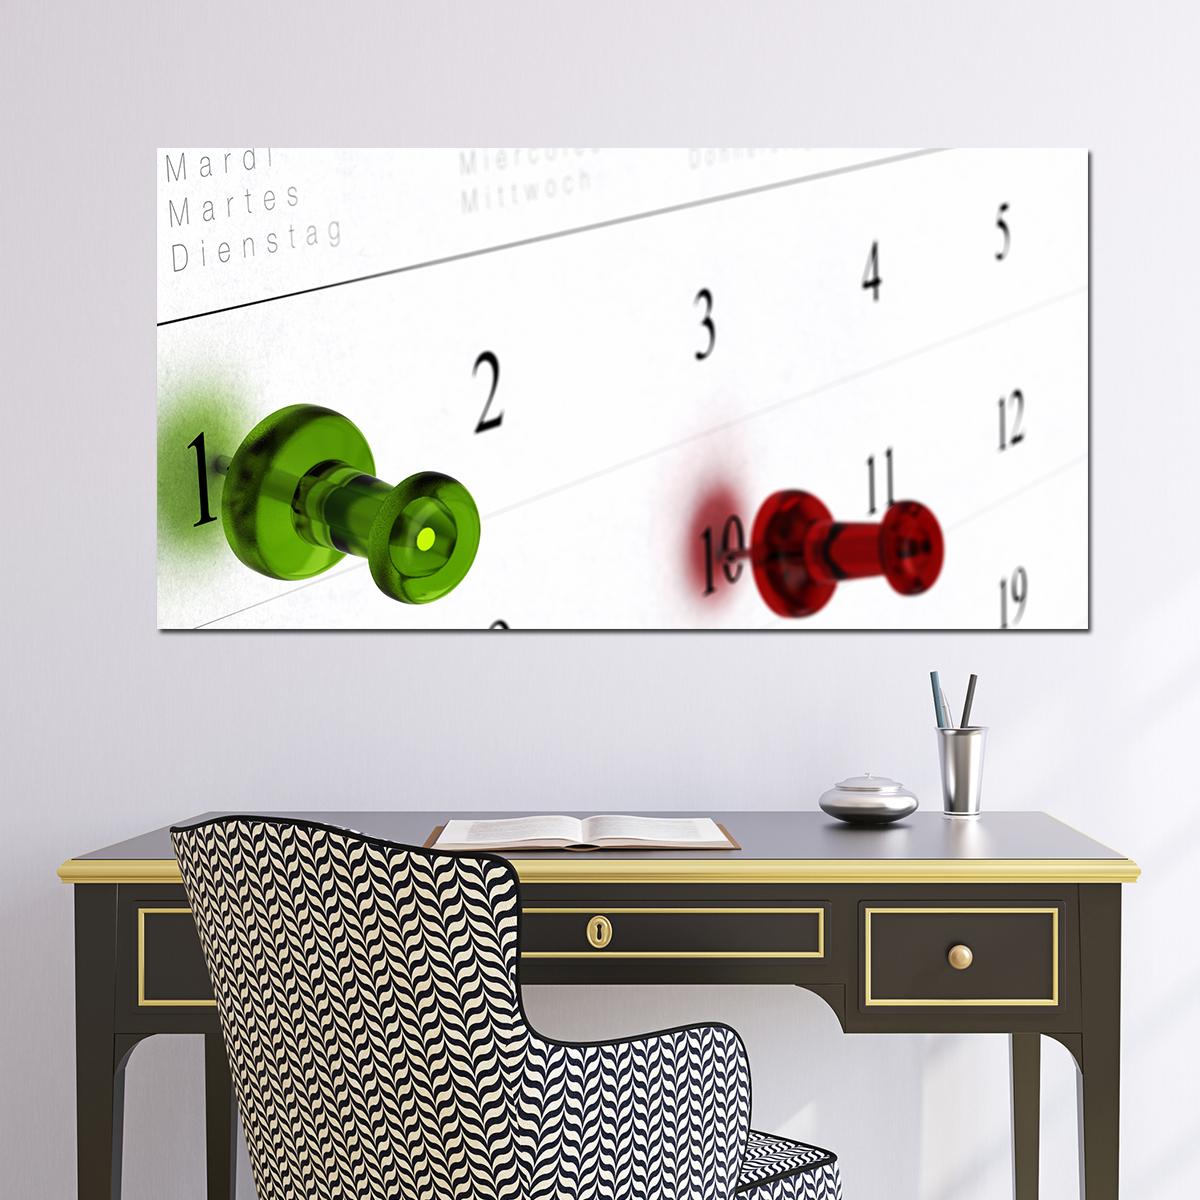 papier peint magn tique sticker papier peint magn tique calendrier ambiance. Black Bedroom Furniture Sets. Home Design Ideas